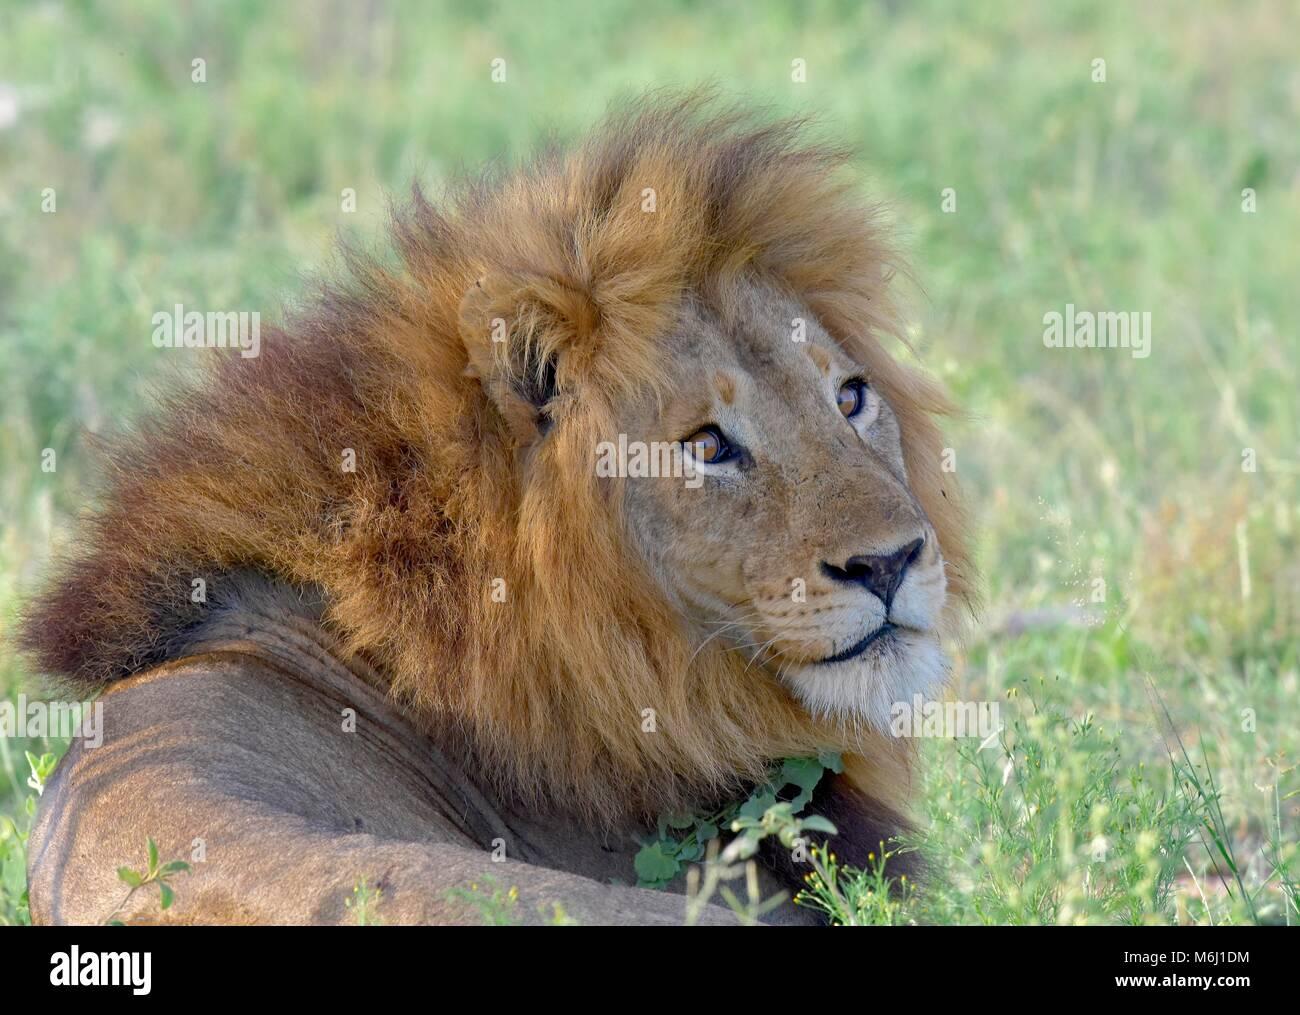 Krüger Nationalpark, Südafrika. Ein Wild- und Vogelparadies. Atemberaubende Mähnenlöwen portrait Stockbild